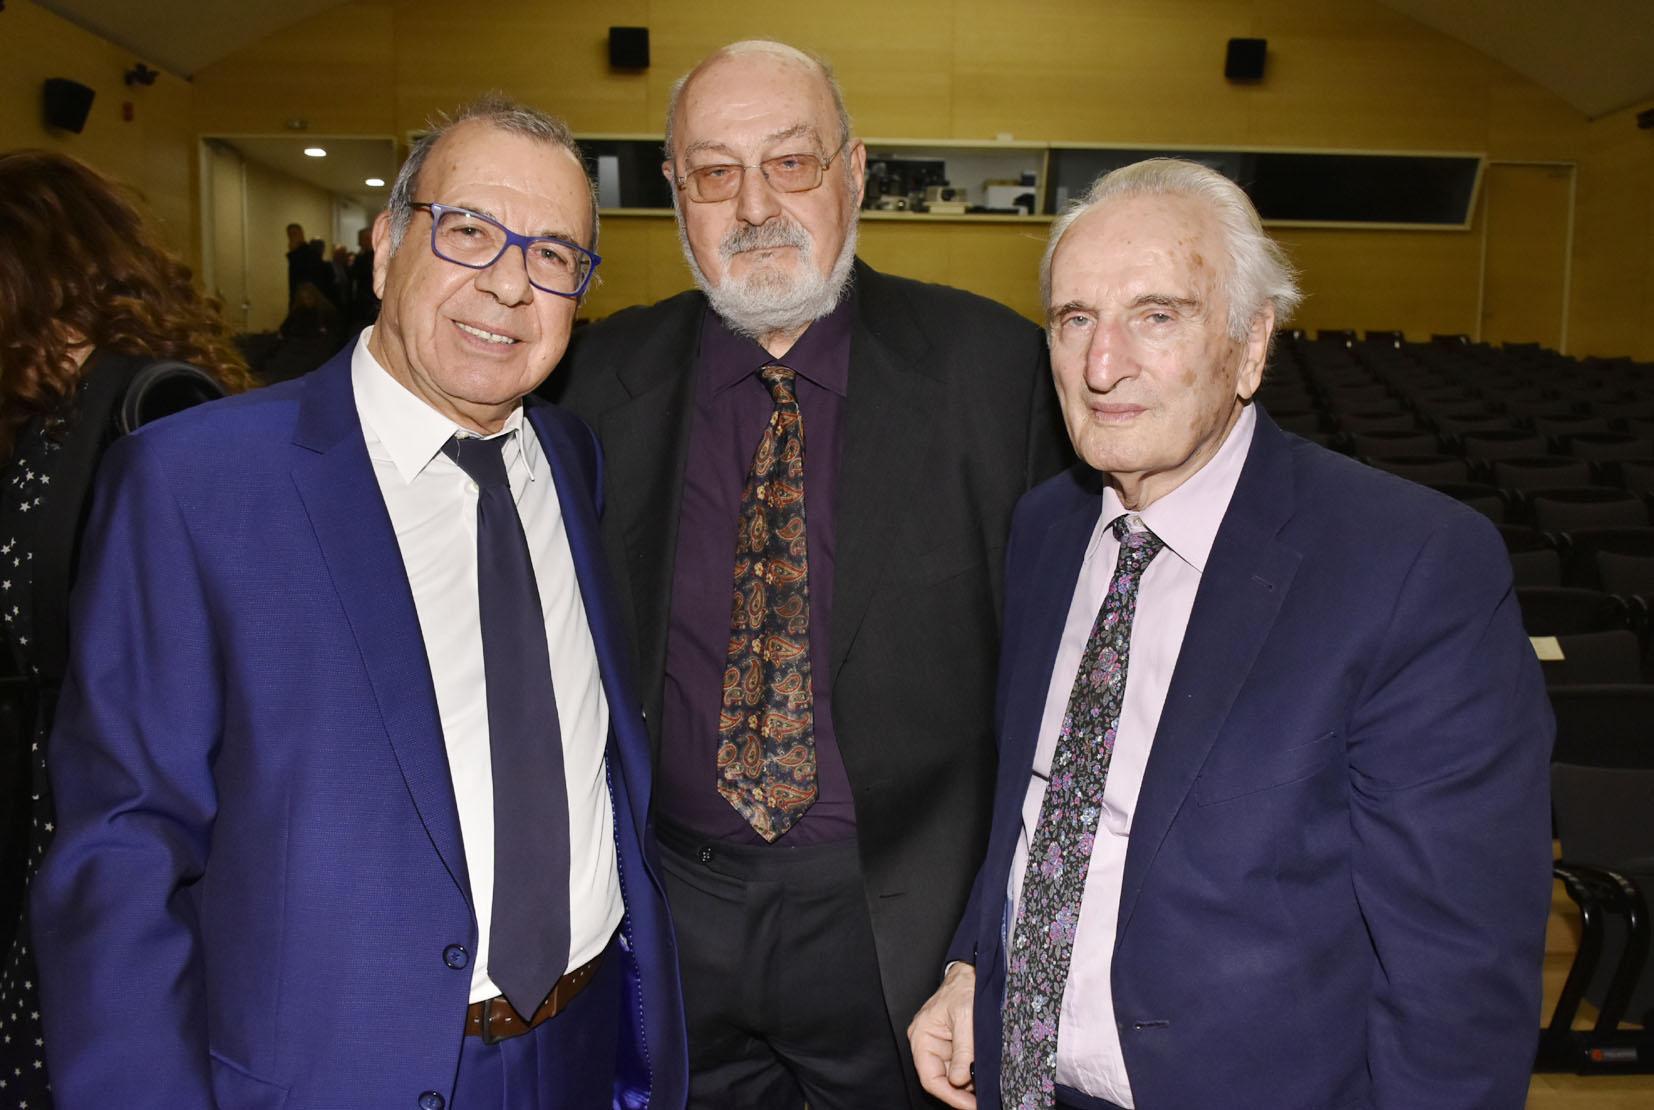 Ο Δντής Εκδοσης του ΕΠΙΛΟΓΟΥ 2019 Τ. Βλαστός με τον Σύμβουλο Έκδοσης κ. Κ. Γεωργουσόπουλο και τον τιμώμενο κ. Νικήτα Τσ